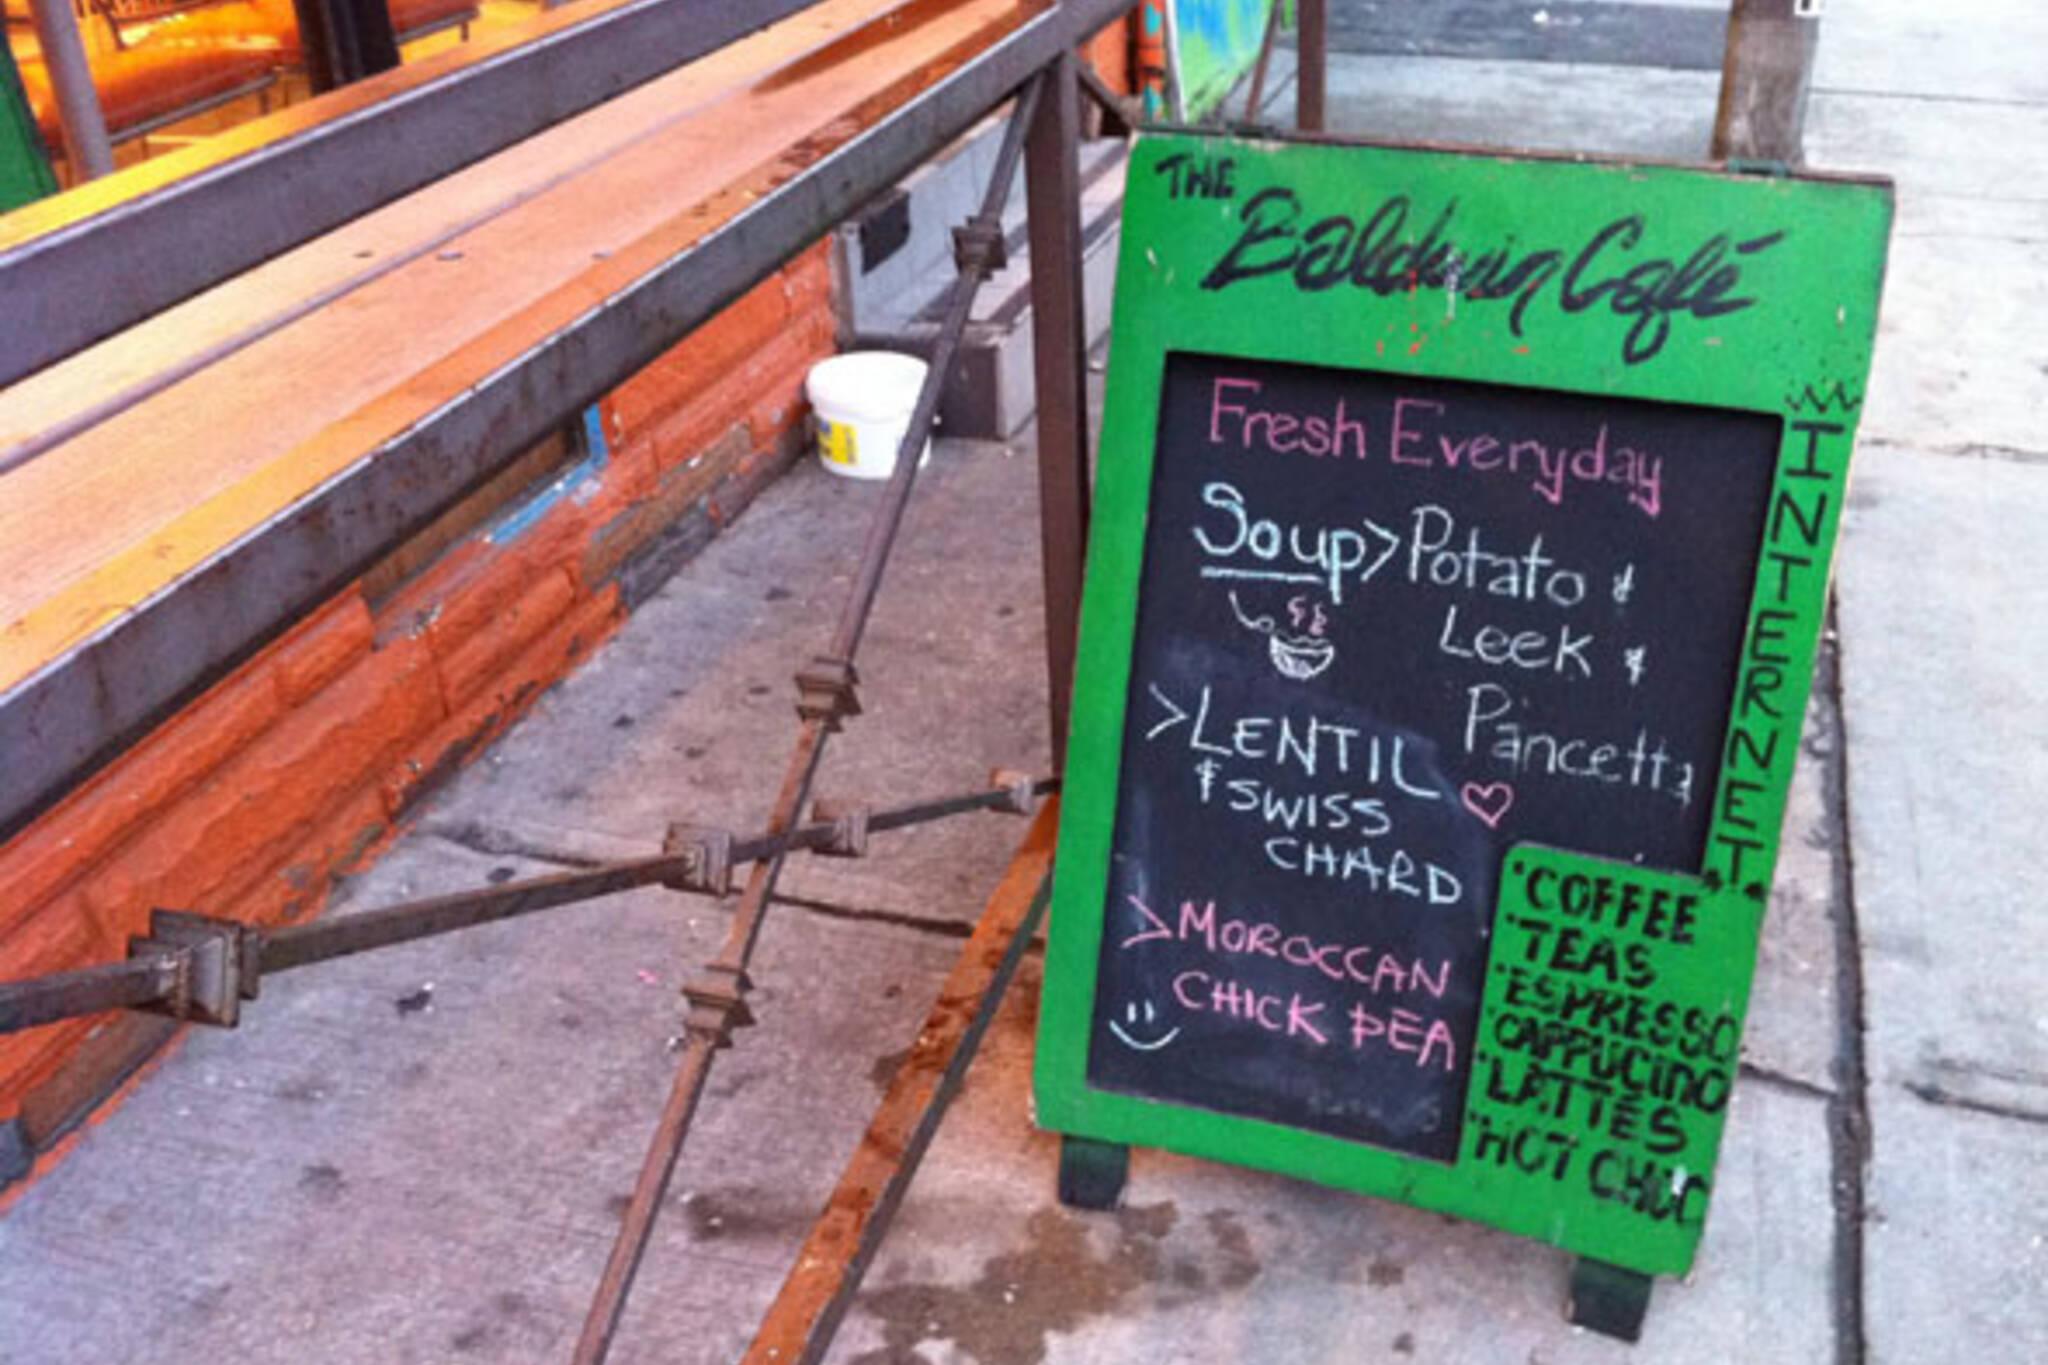 201116-baldwin-cafe.jpg